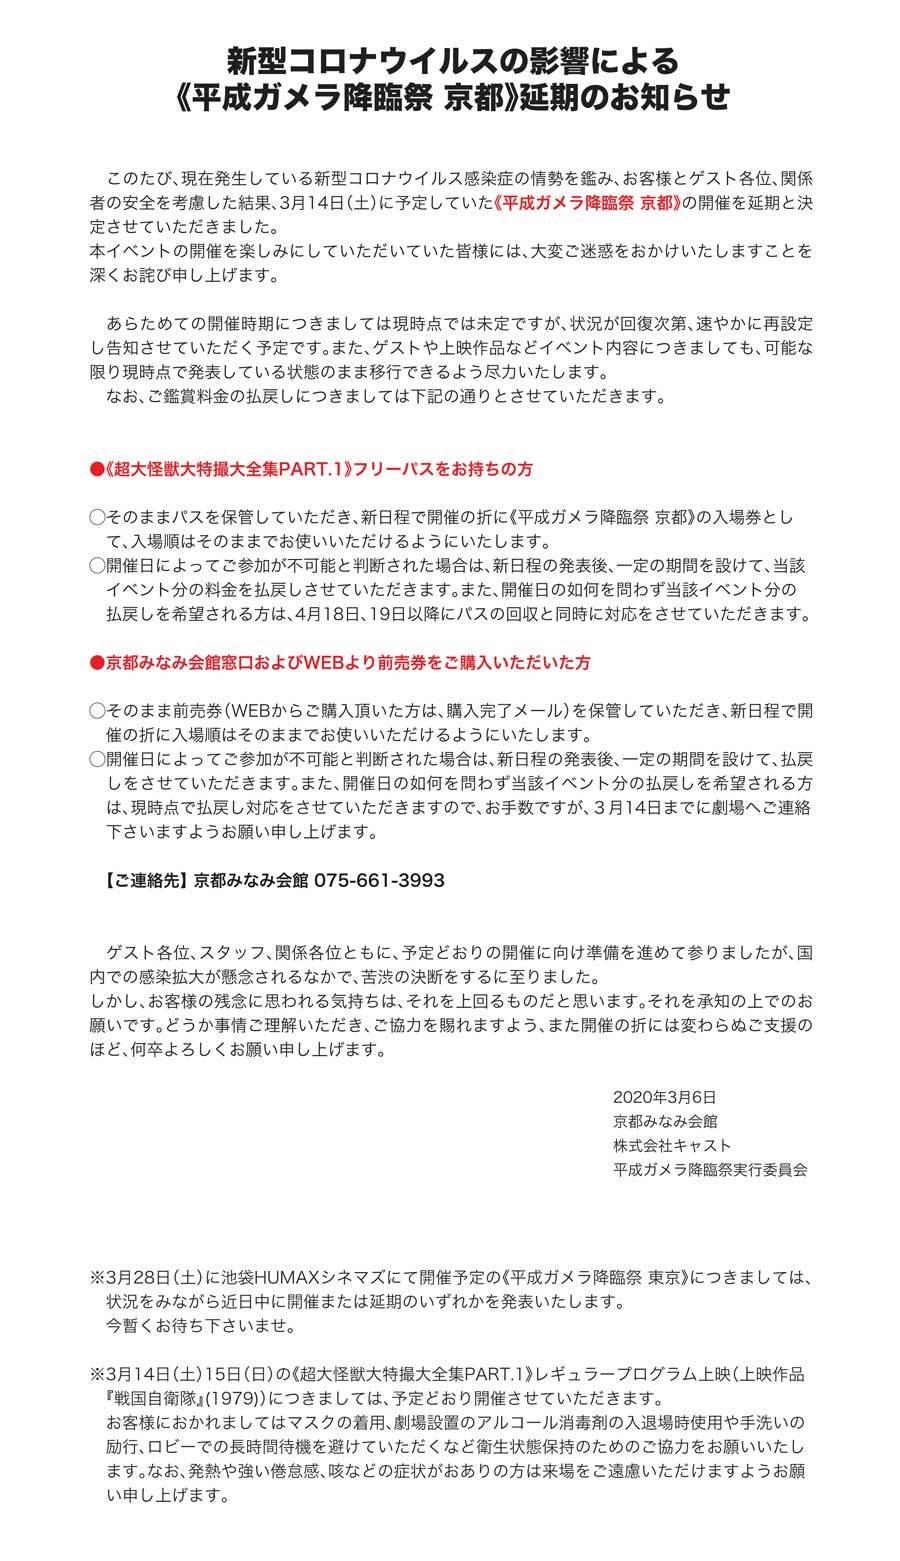 平成ガメラ降臨祭 東京・京都 開催延期につきまして_a0180302_23081701.jpg